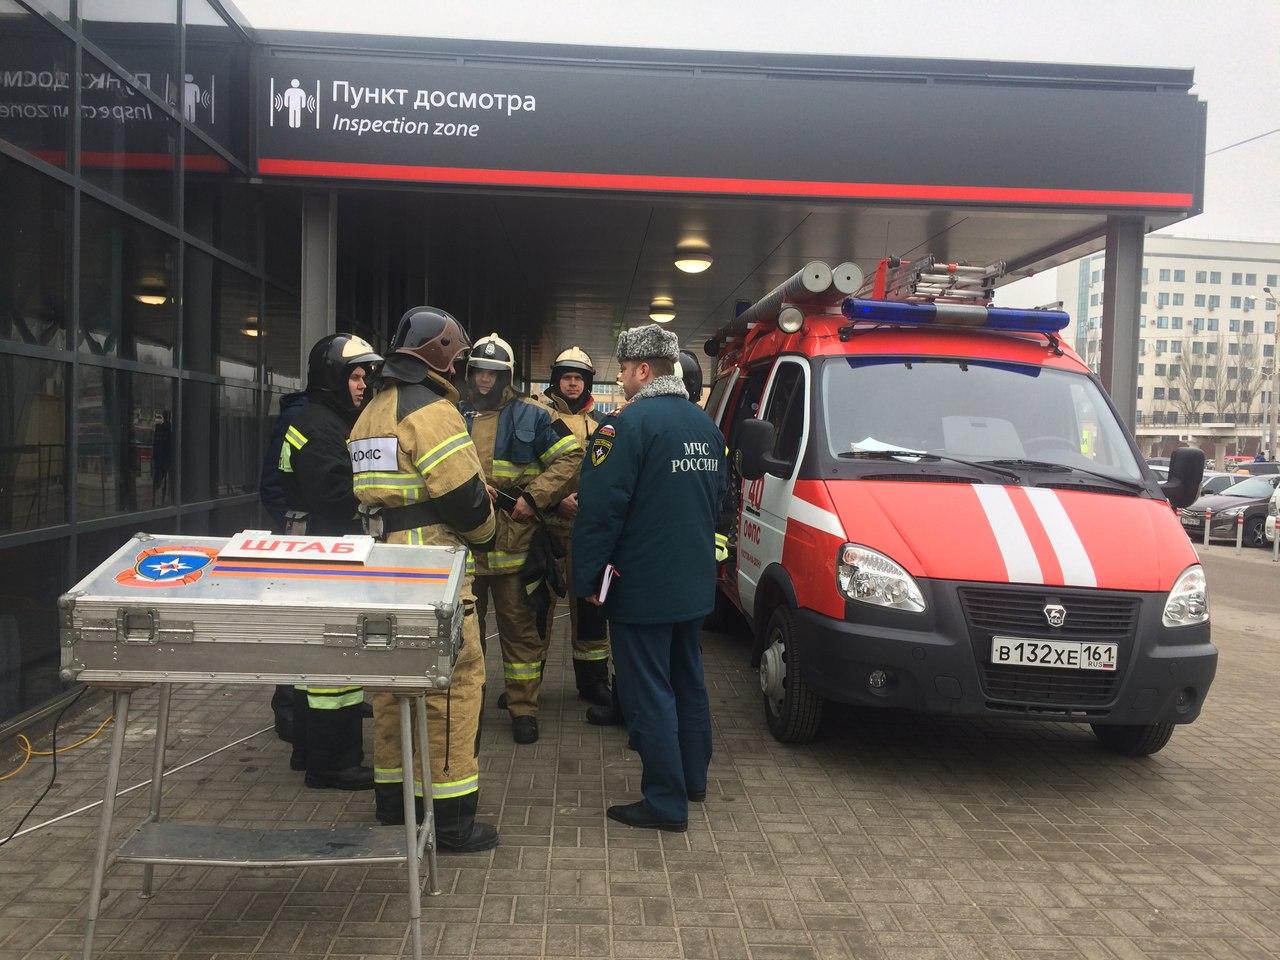 FIFA-2018: сотрудники МЧС отработали алгоритм действий при возникновении ЧП на Главном железнодорожном вокзале Ростова